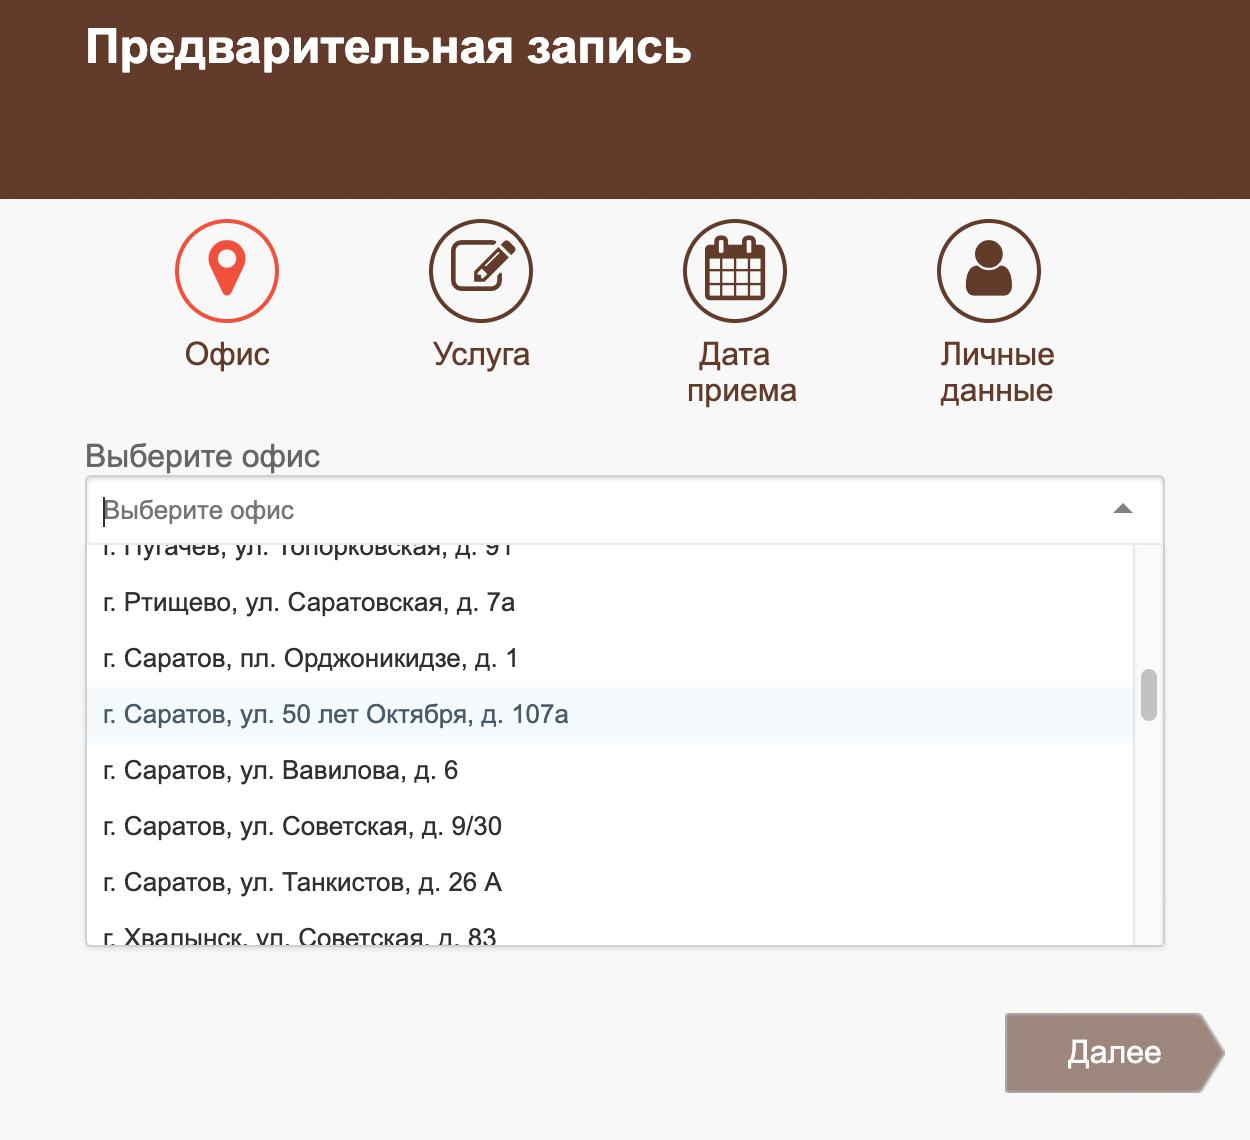 Так форма длязаписи выглядит в Саратовской области, где я живу. Сначала выбираете офис, в который удобнее приехать